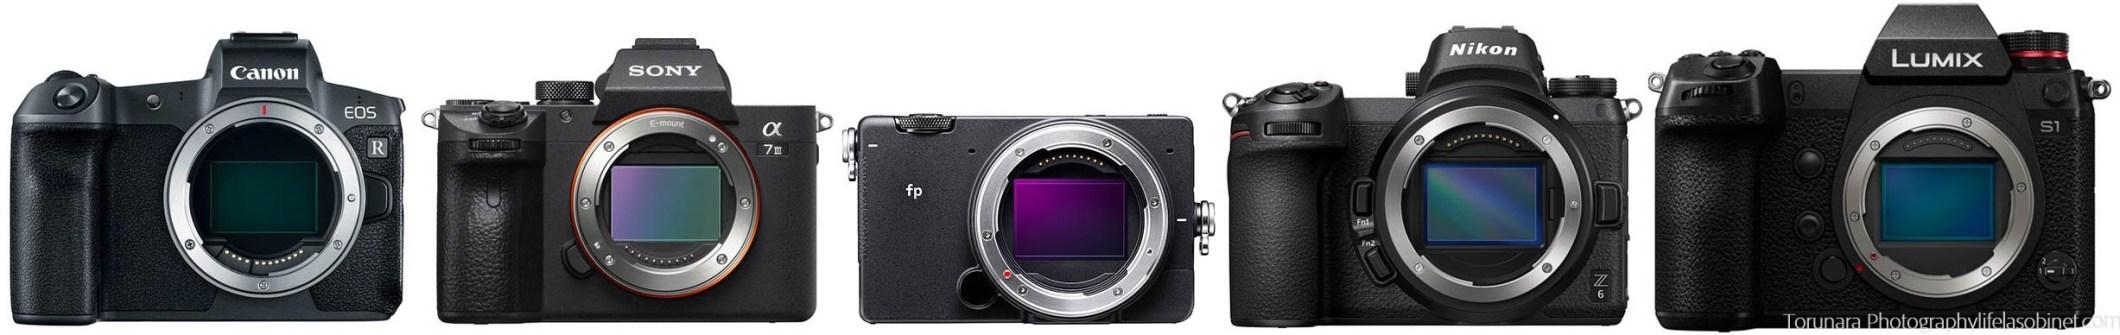 Sigma FP и все-все-все: сравниваем размеры полнокадровых беззеркалок